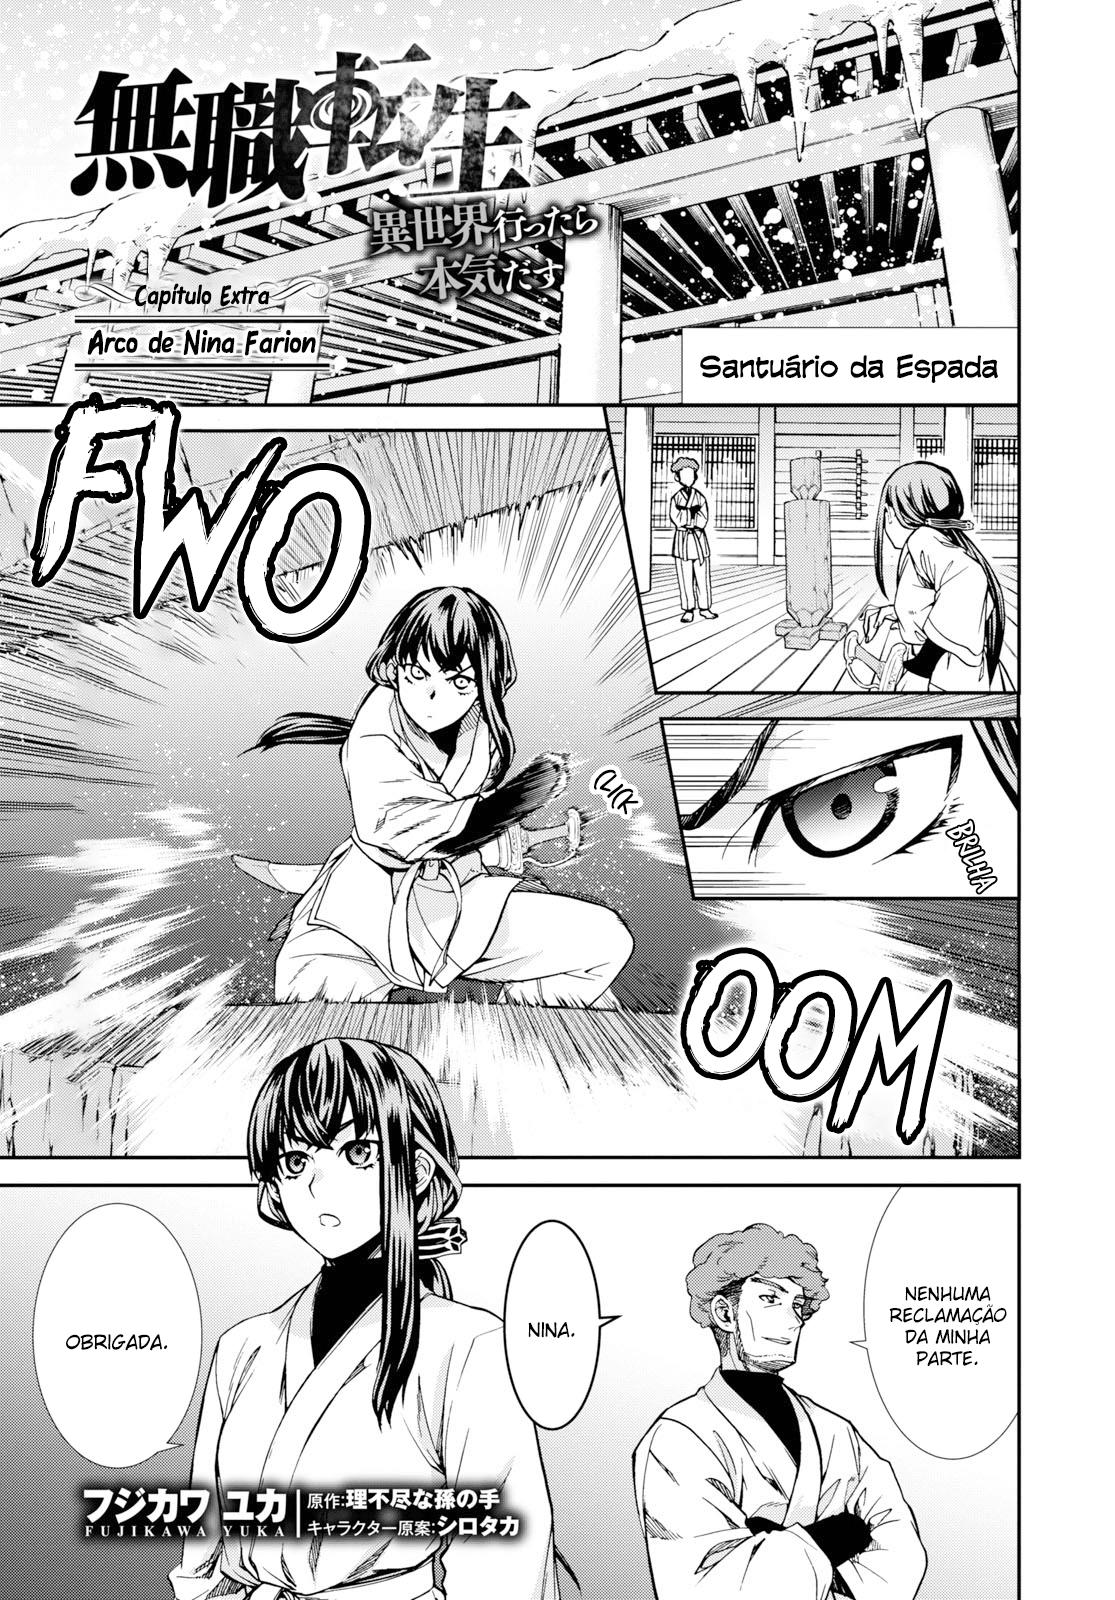 Mushoku Tensei: Isekai Ittara Honki Dasu / Mushoku Tensei: Jobless Reincarnation Mangá Online Capítulo 60-5